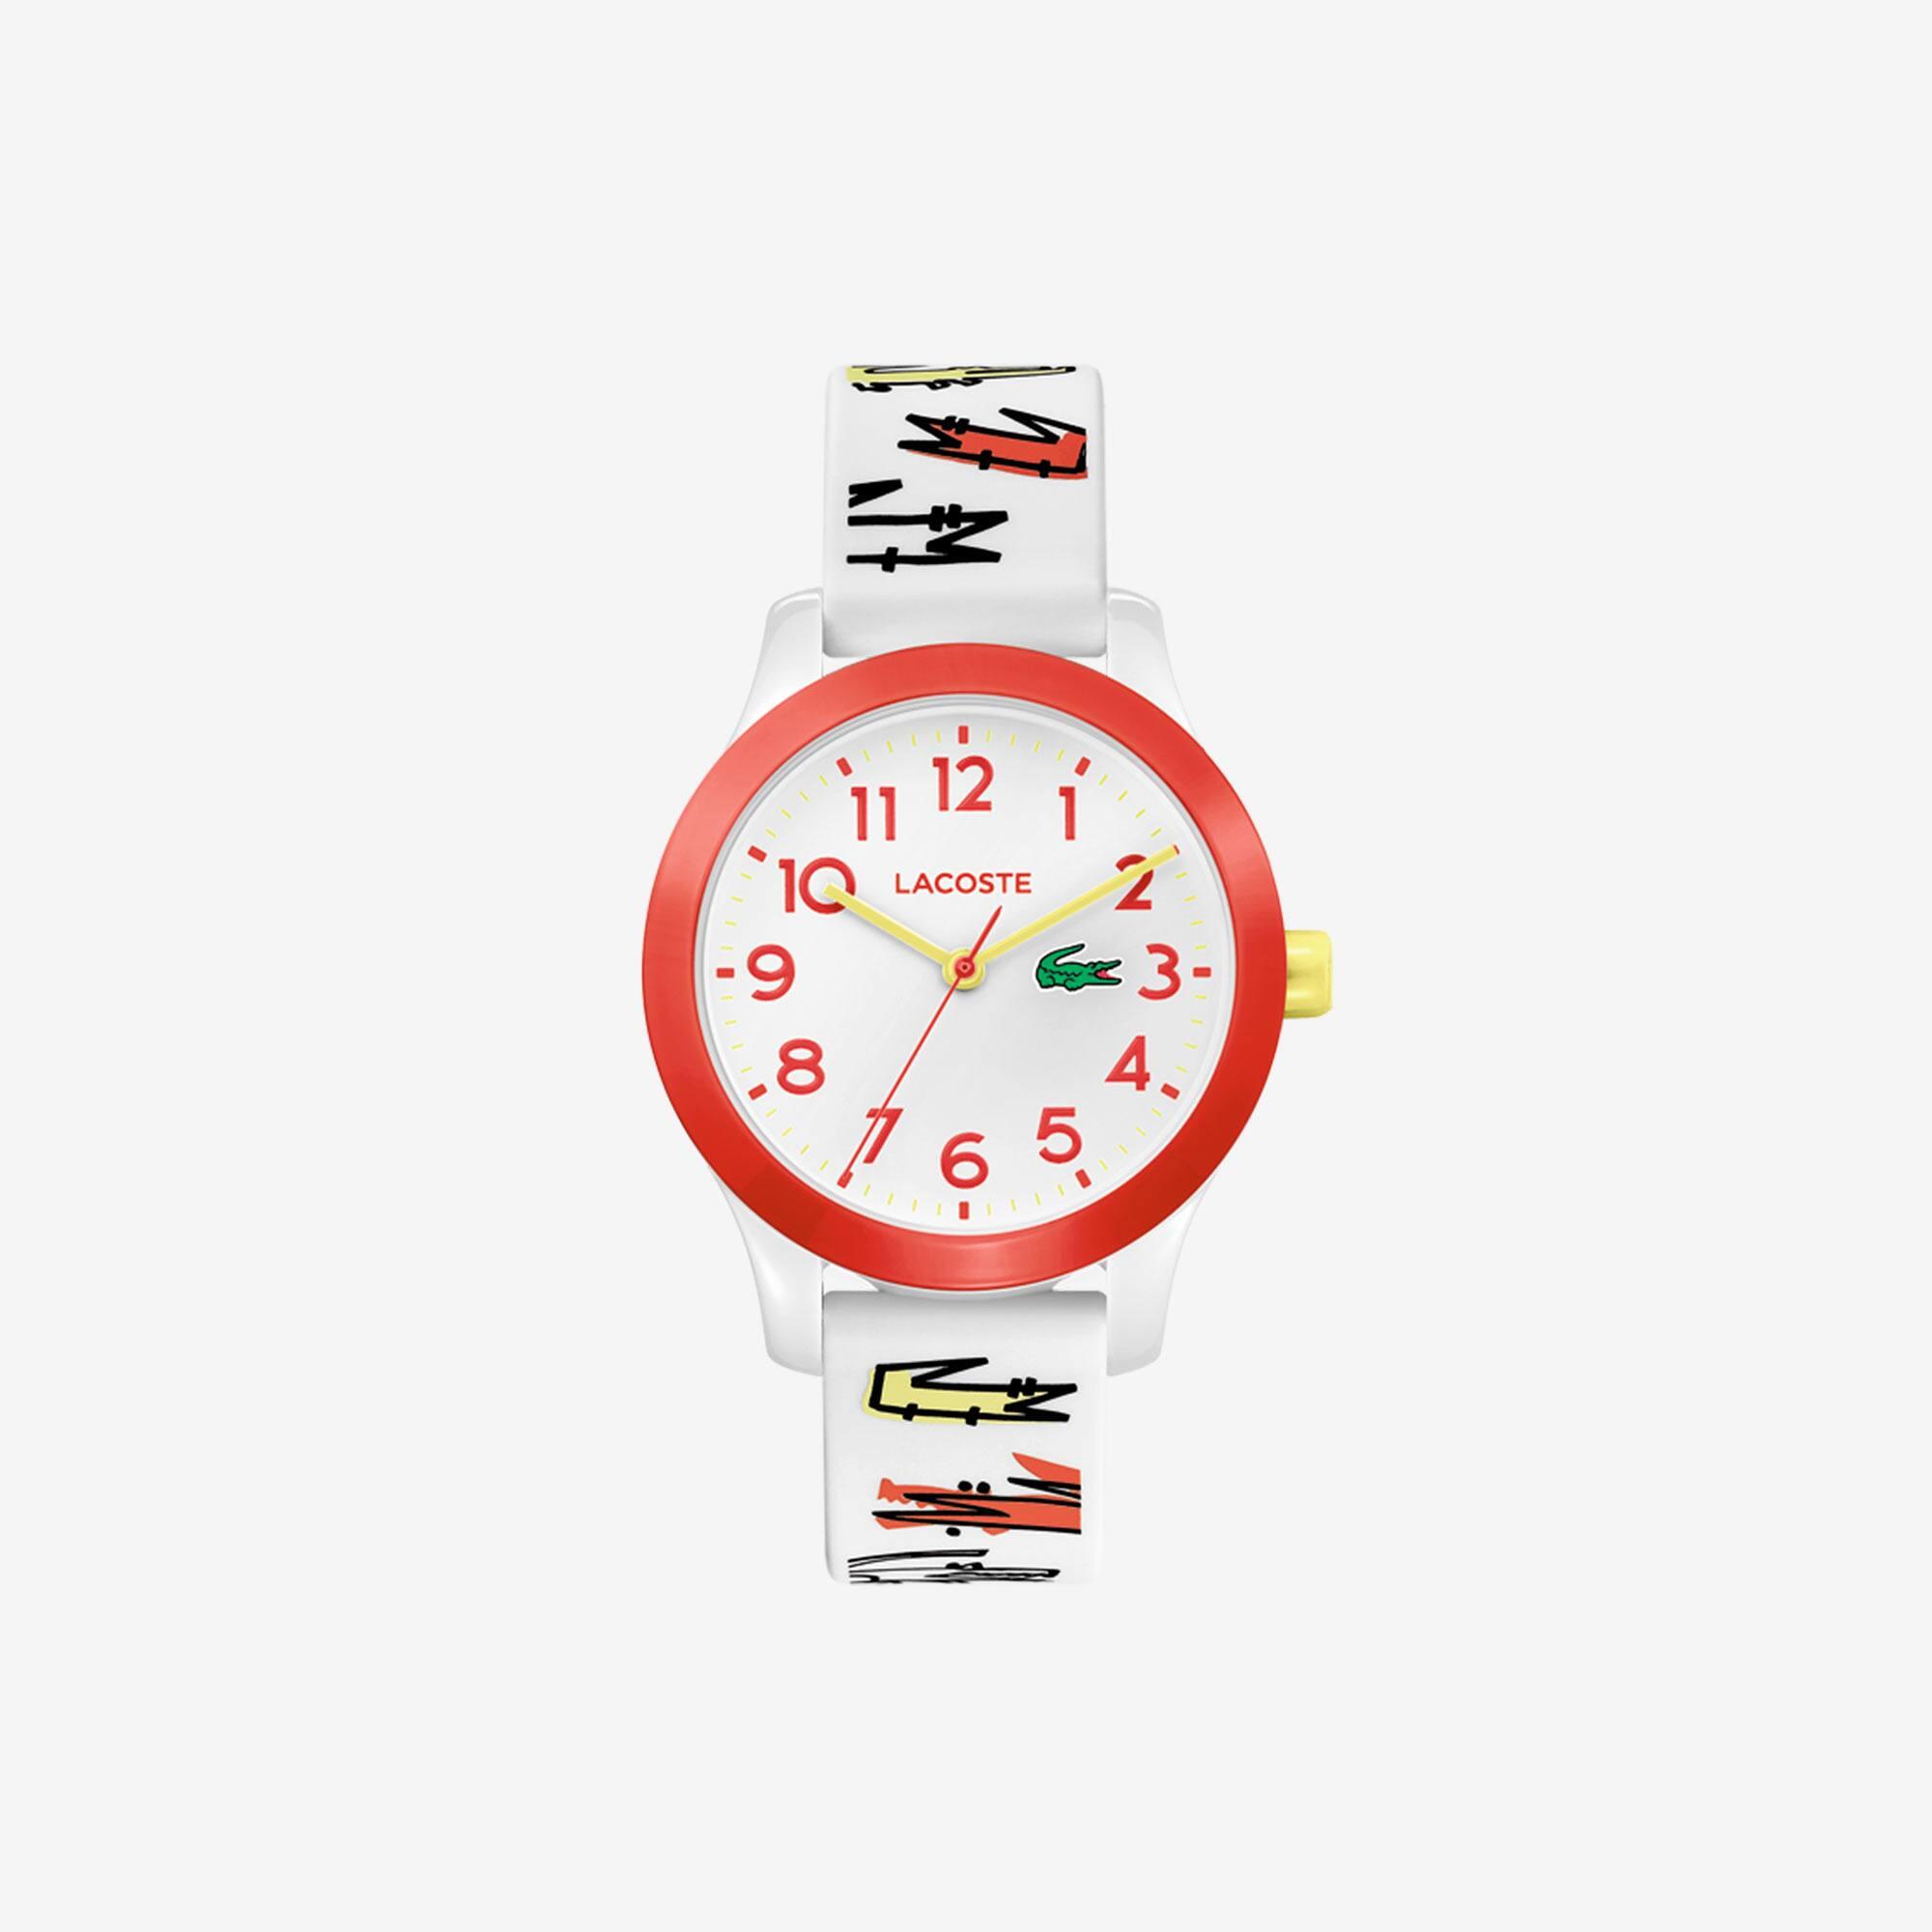 Reloj de niño Lacoste 12.12 con correa de silicona blanca estampada